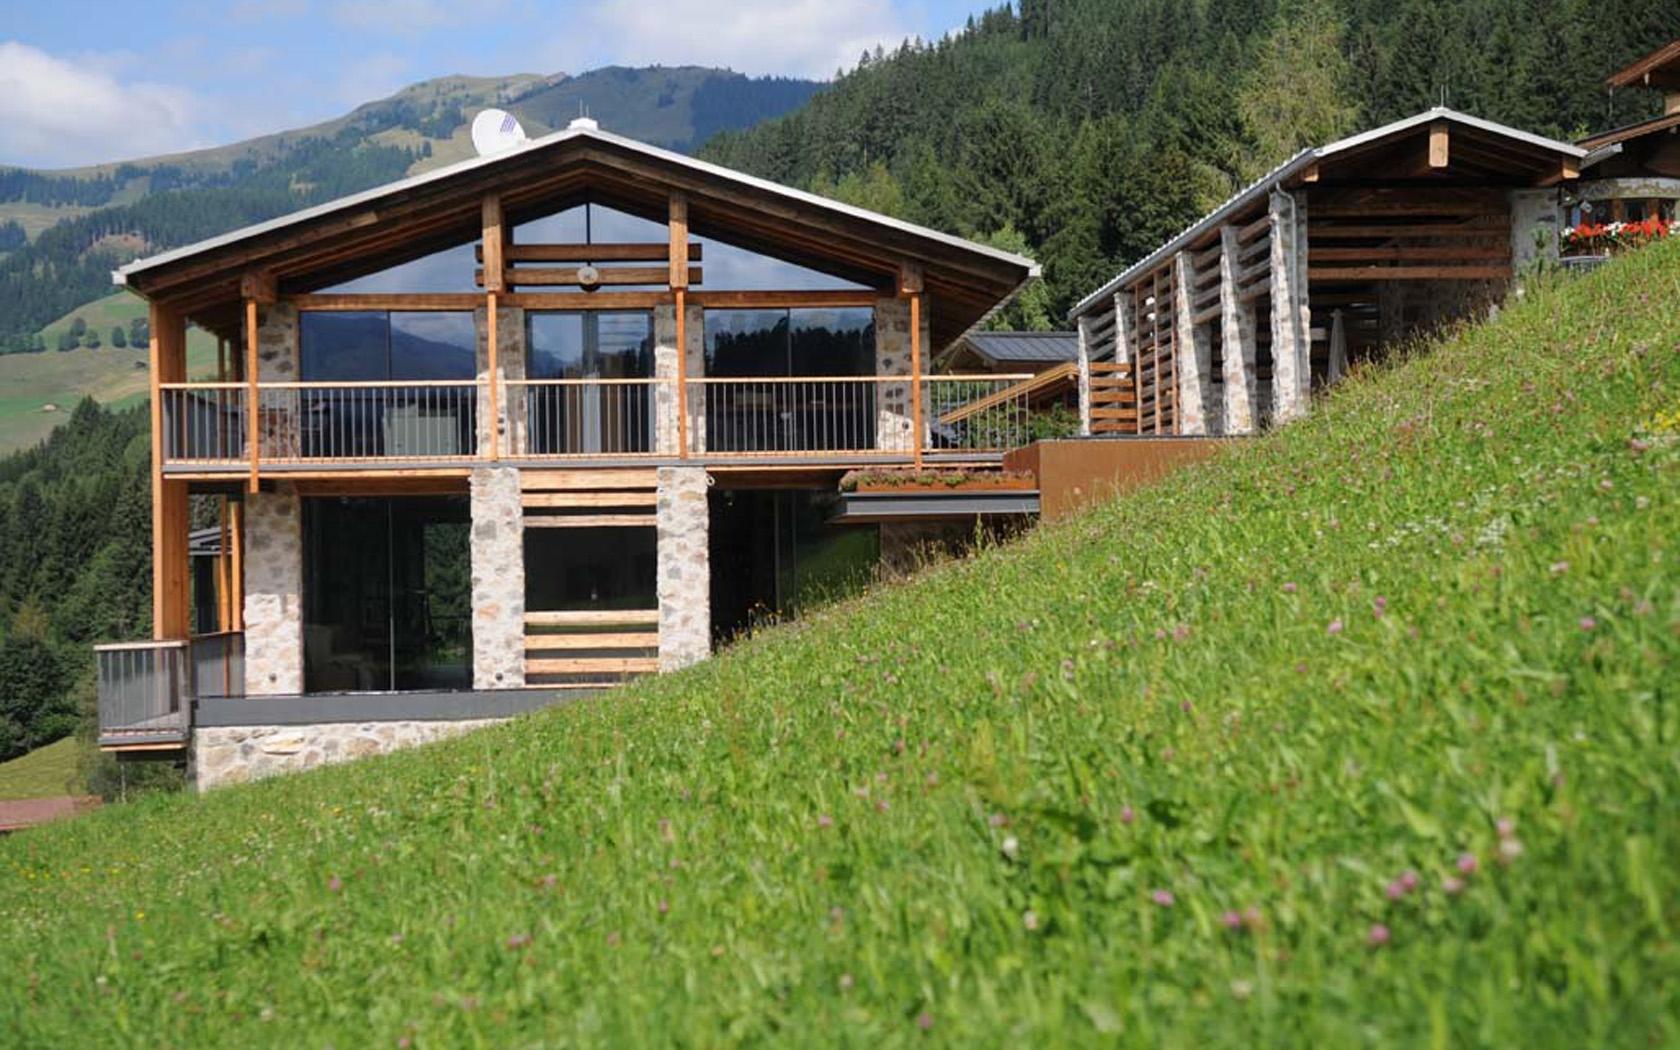 Wohnhaus in den Alpen 01